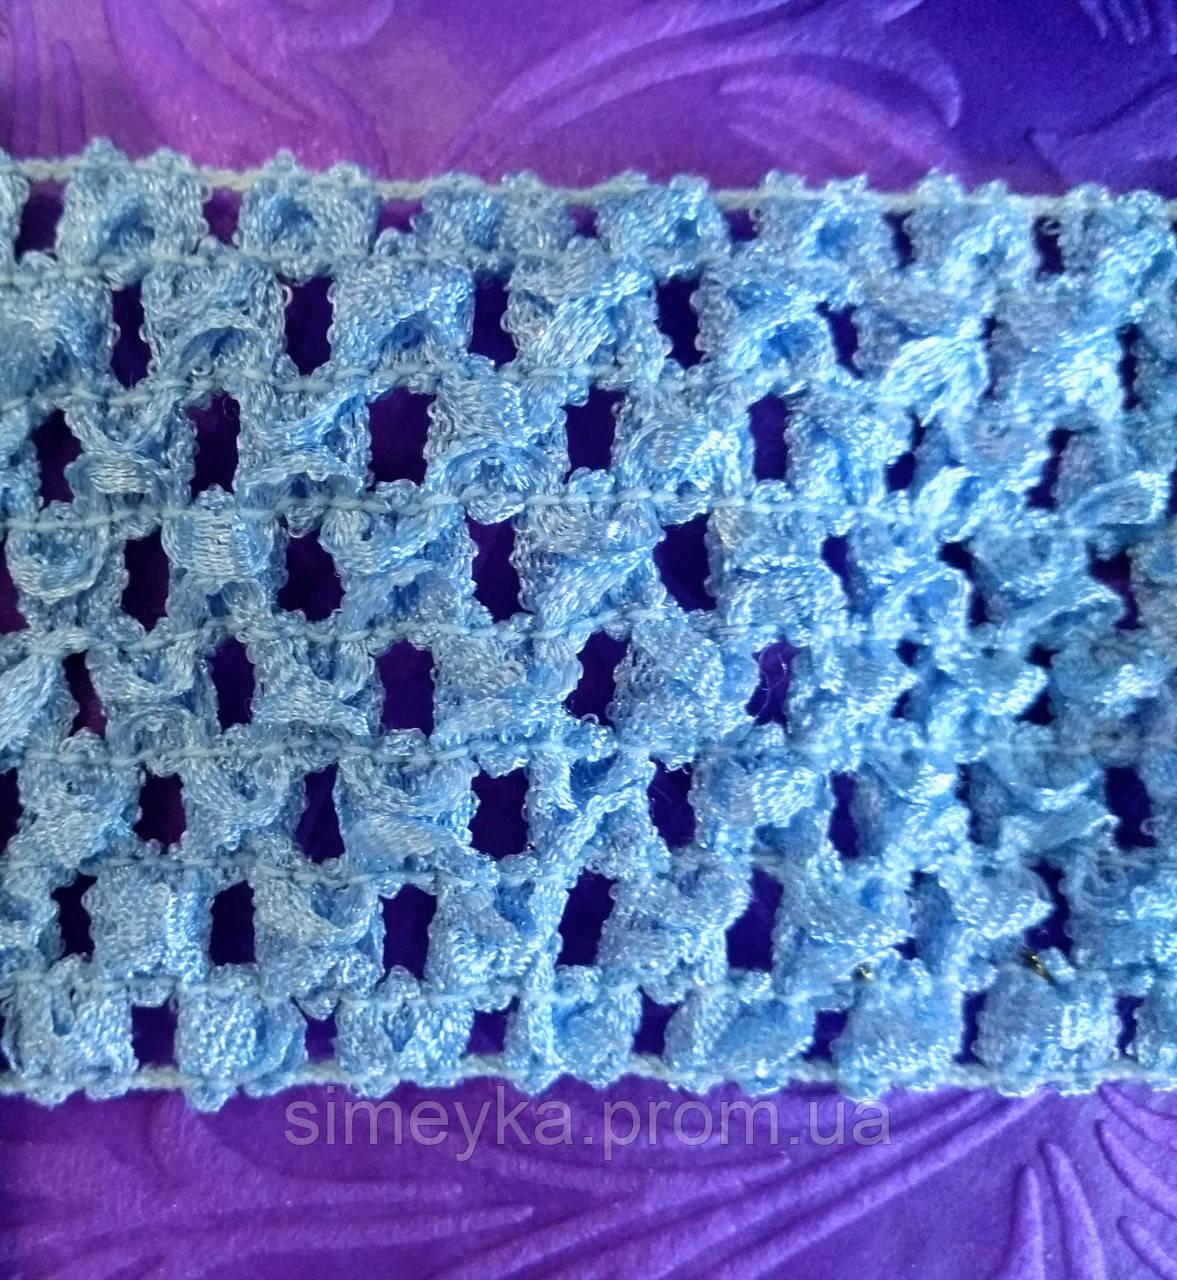 Ткань-резинка ажурная, ширина 5,5 см. Голубая. Отрез 1 м.